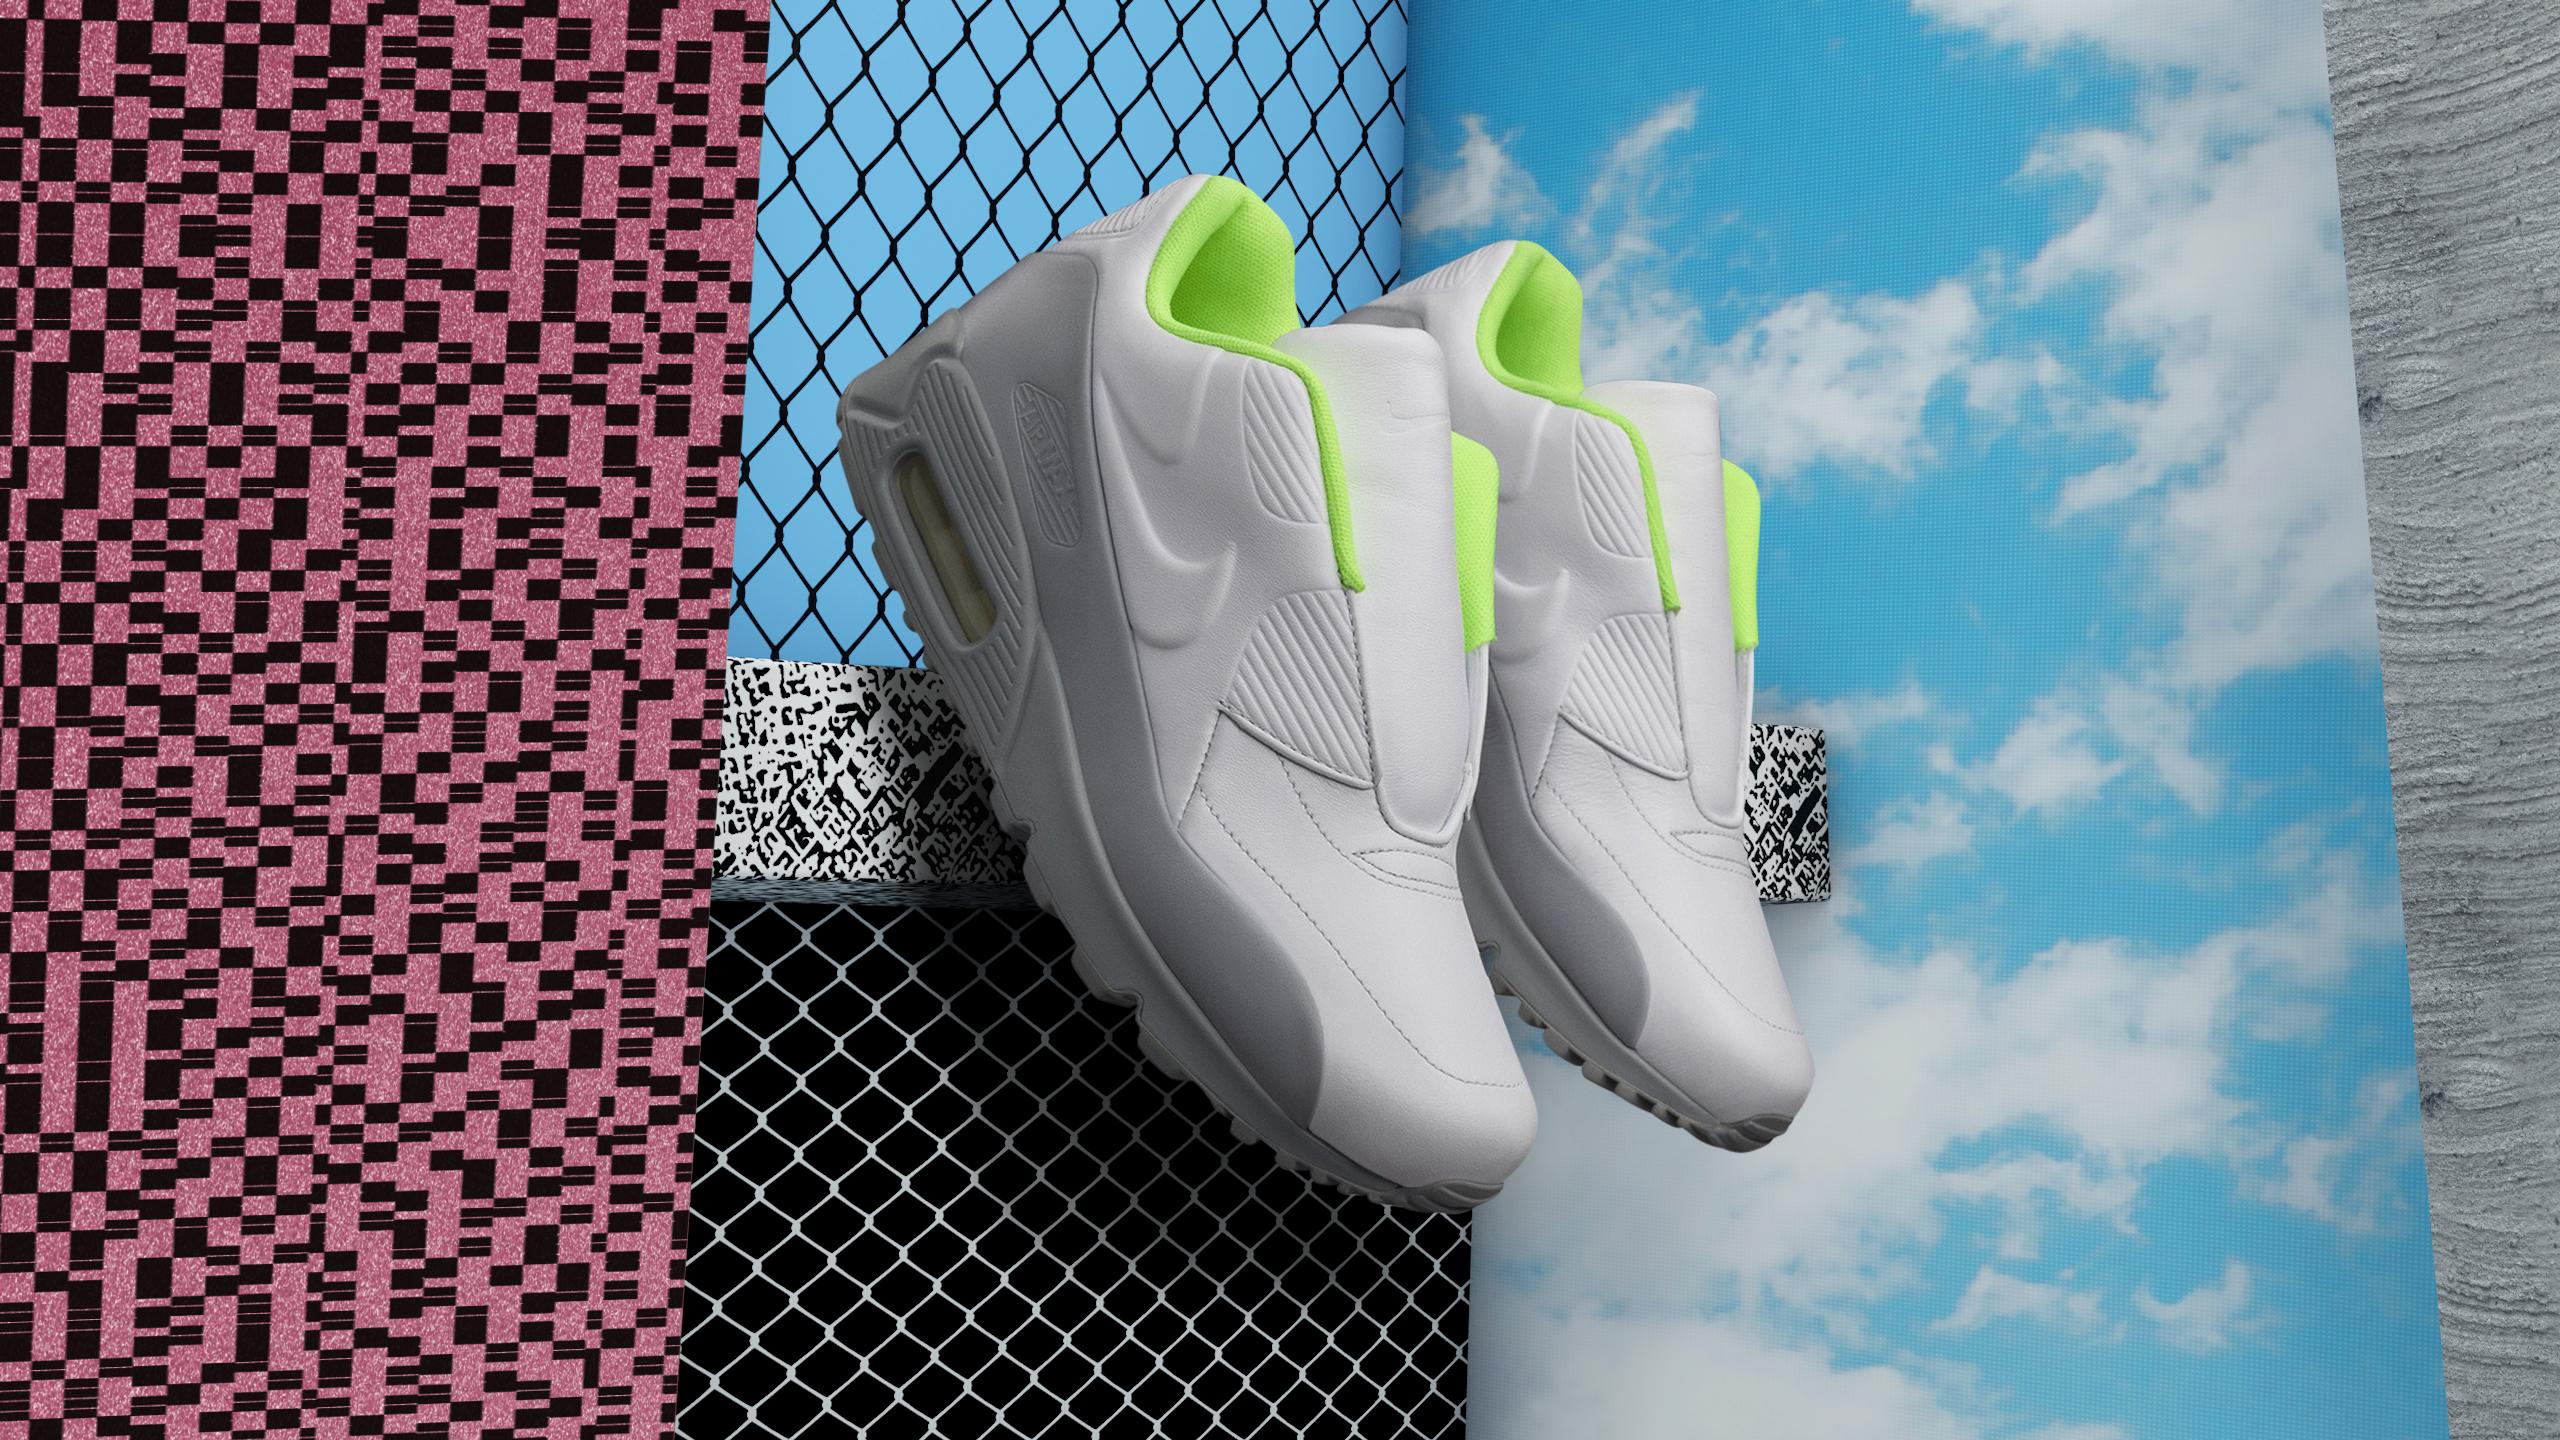 Nikelab-Sacai_World_v002